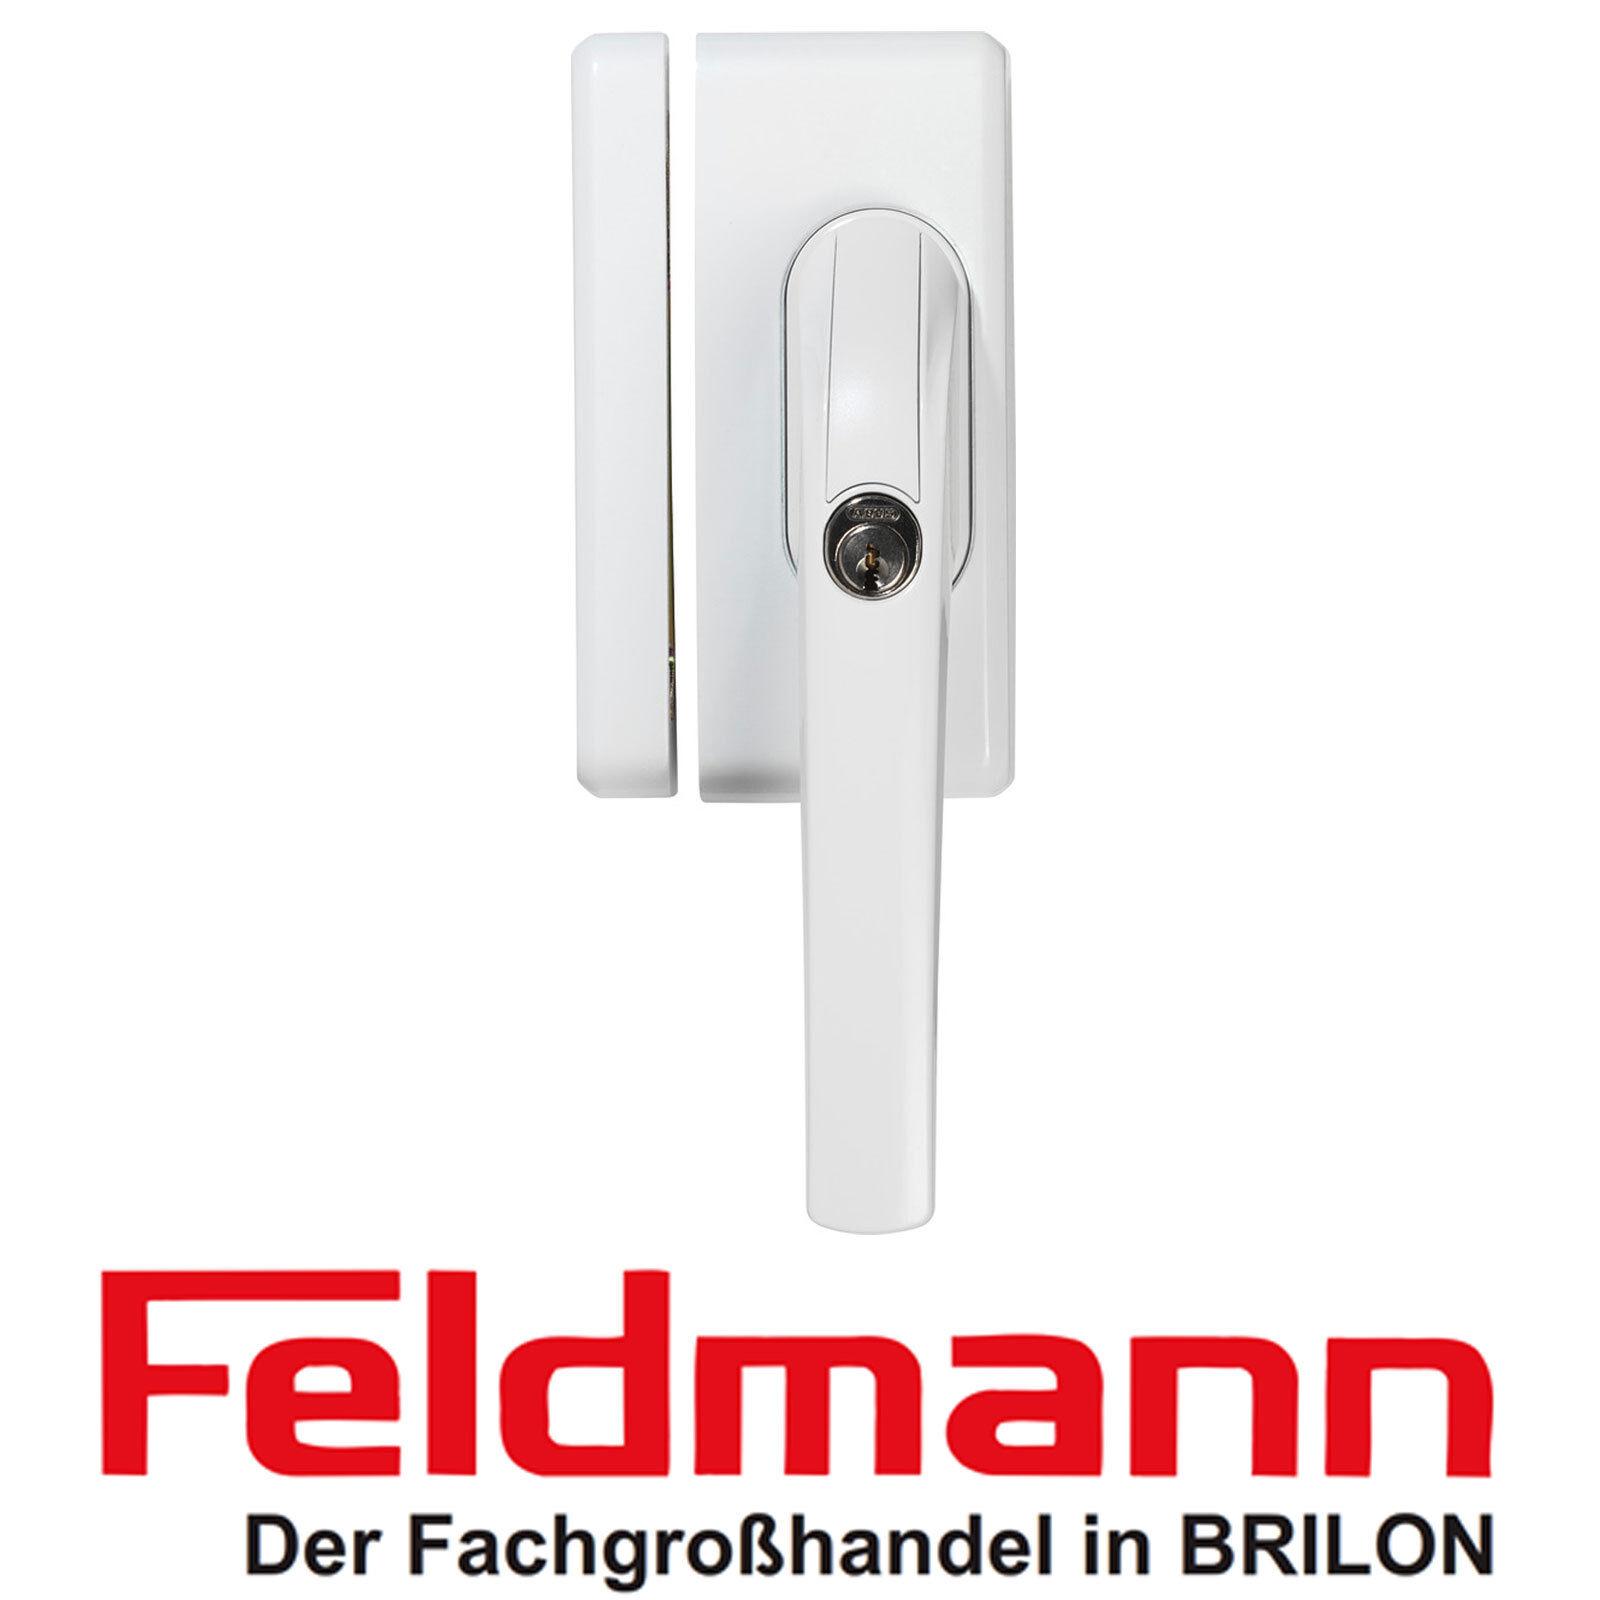 ABUS FO400N Fenstergriff Schloss Fenstergriffsicherung AL0145 Weiß Neu Ovp.